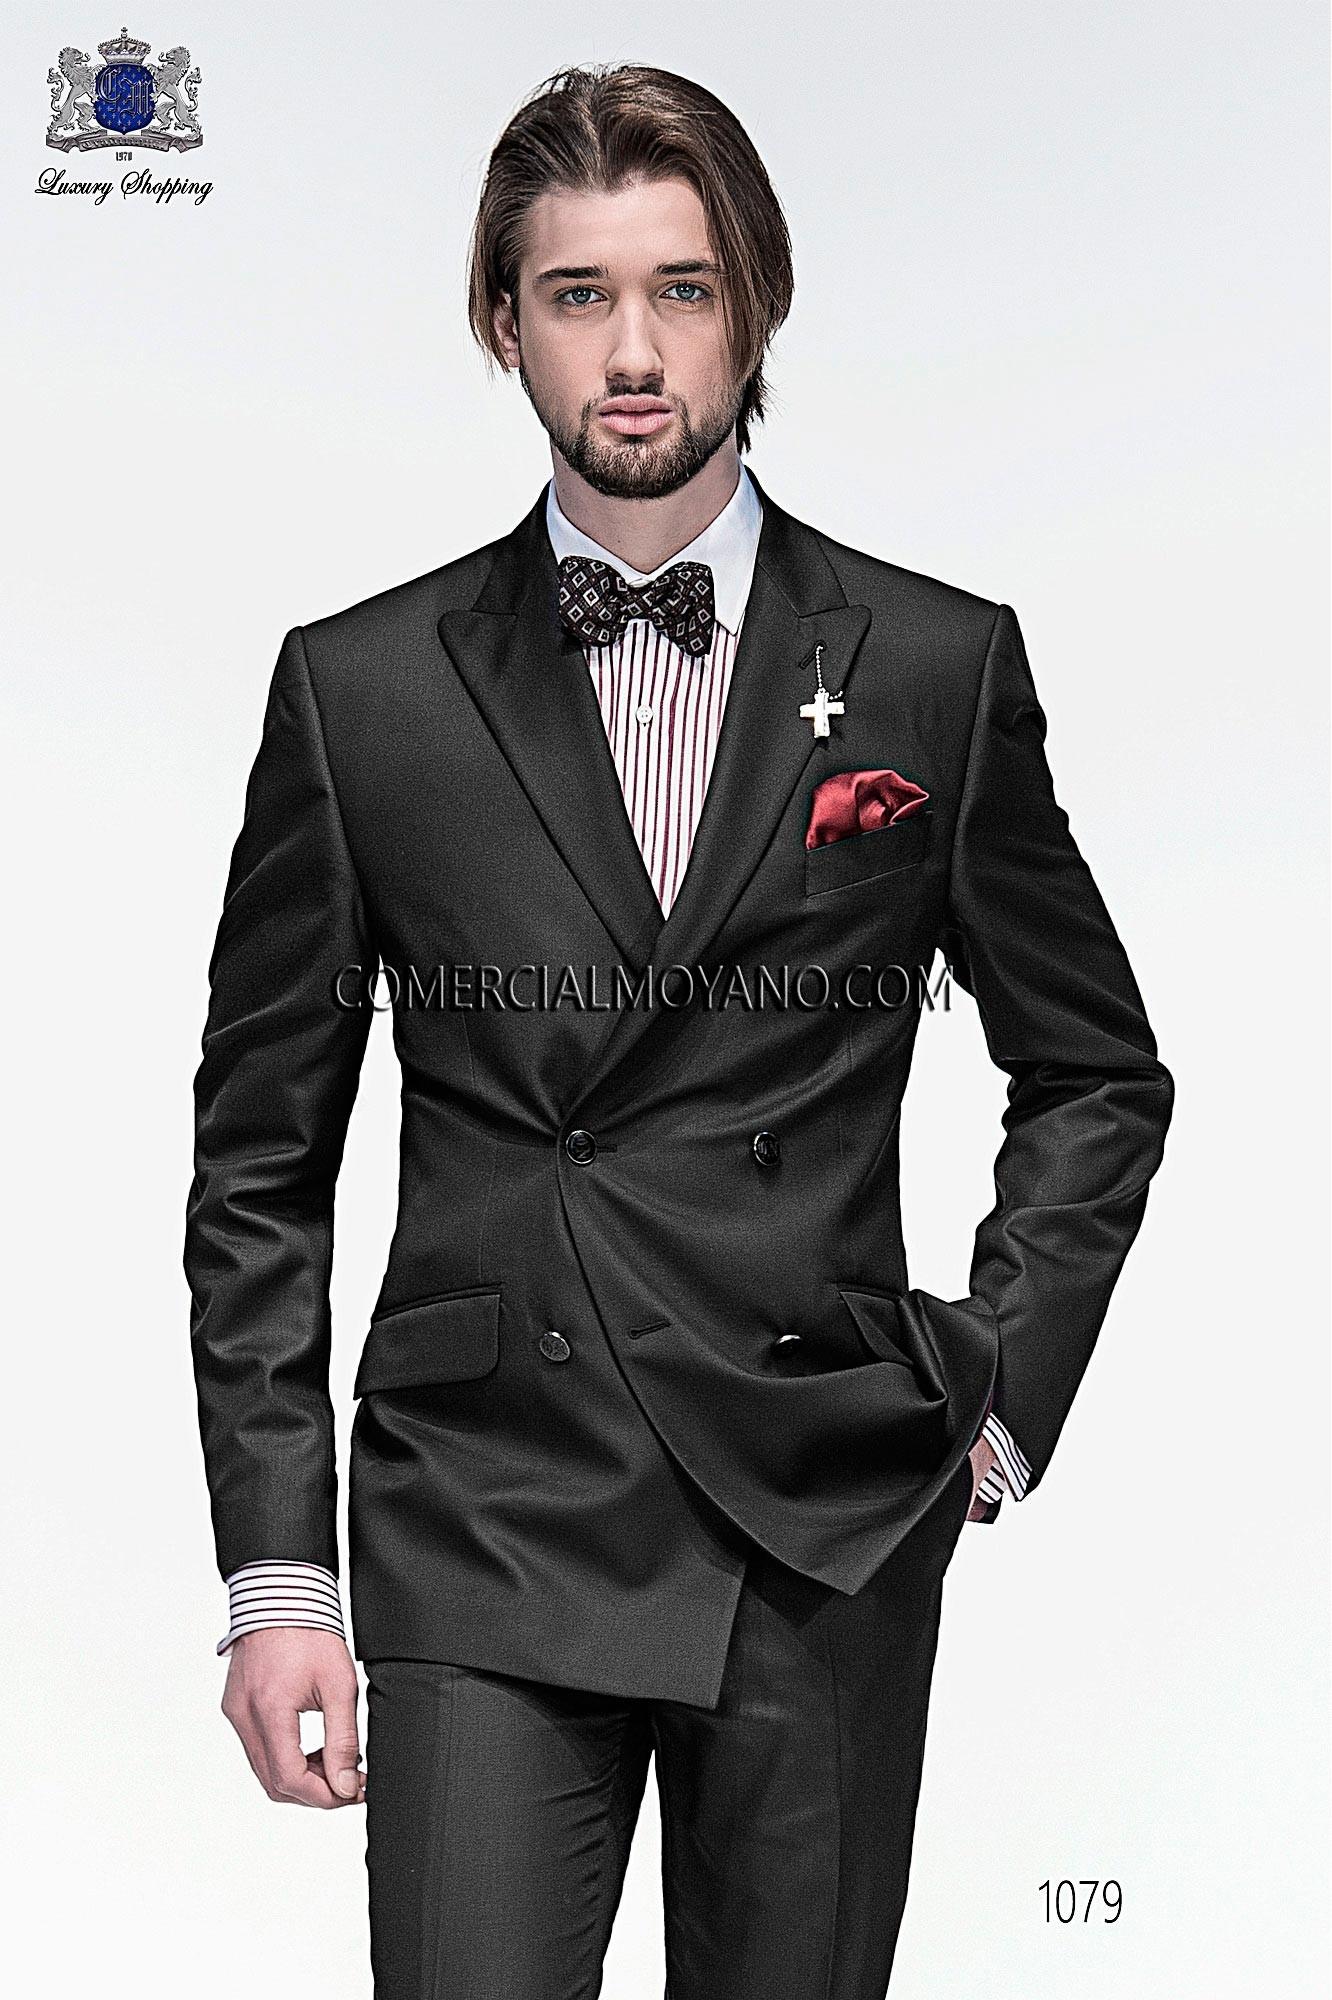 Traje Emotion de novio negro modelo: 1079 Ottavio Nuccio Gala colección Emotion